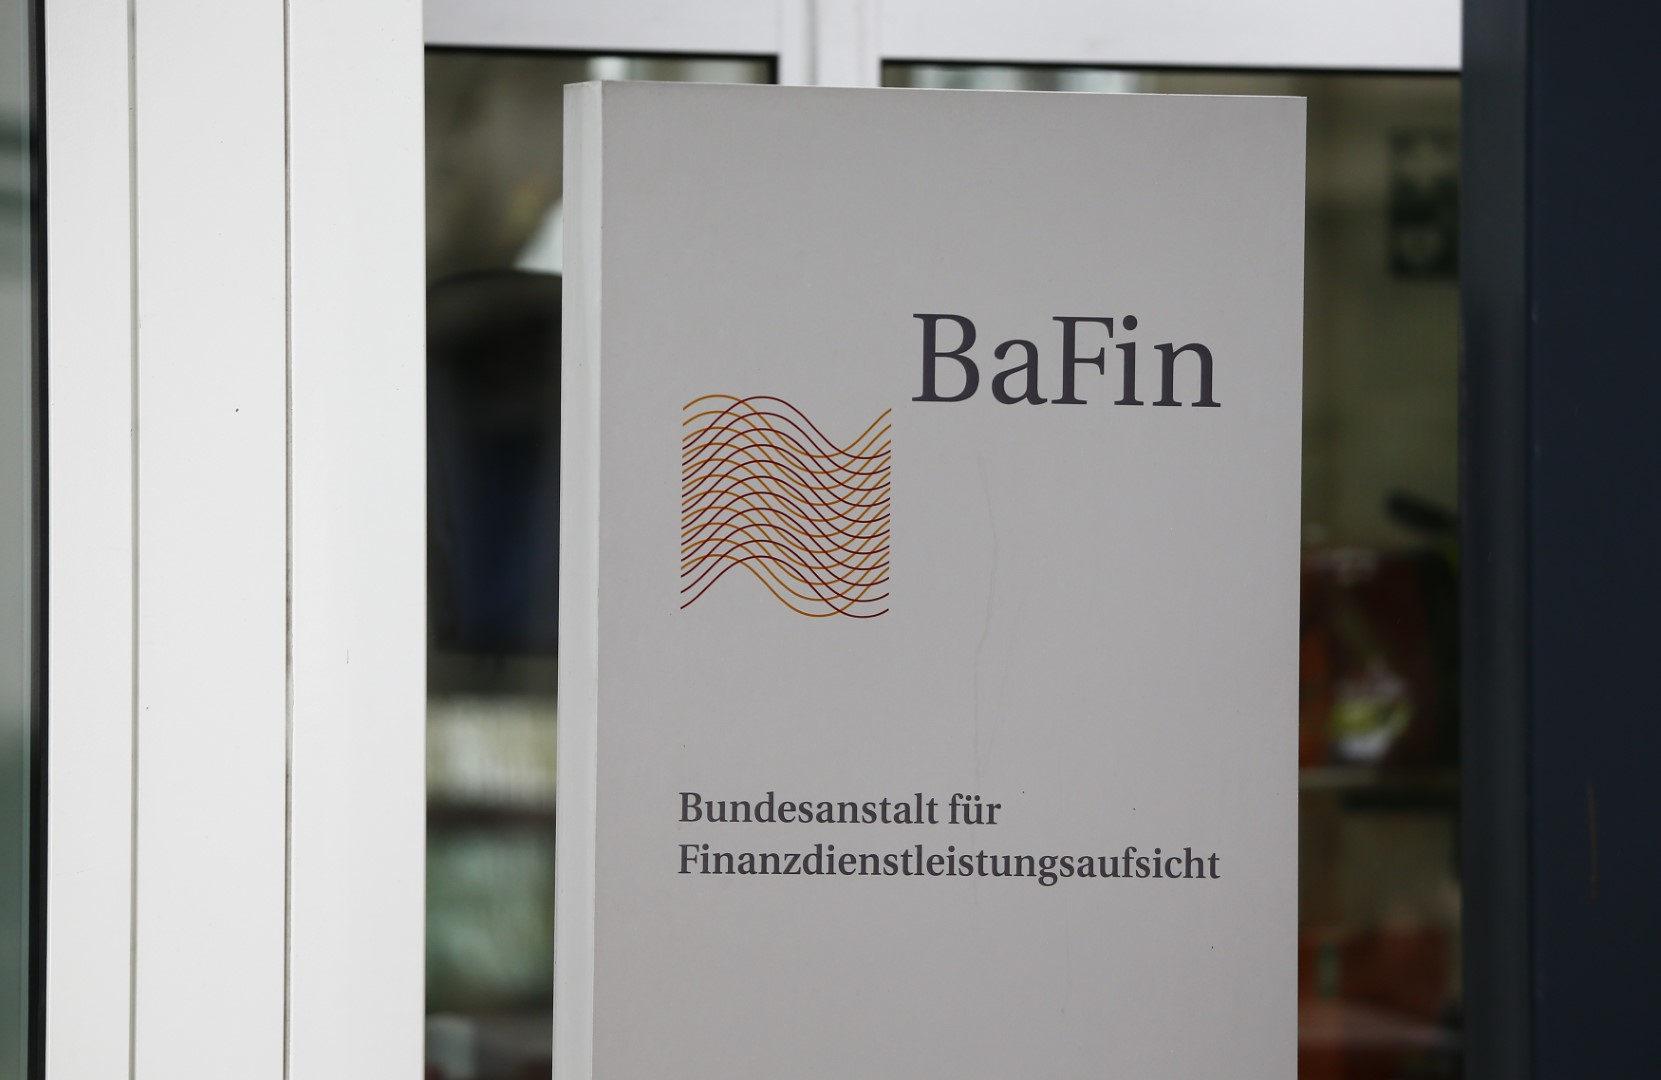 BaFin